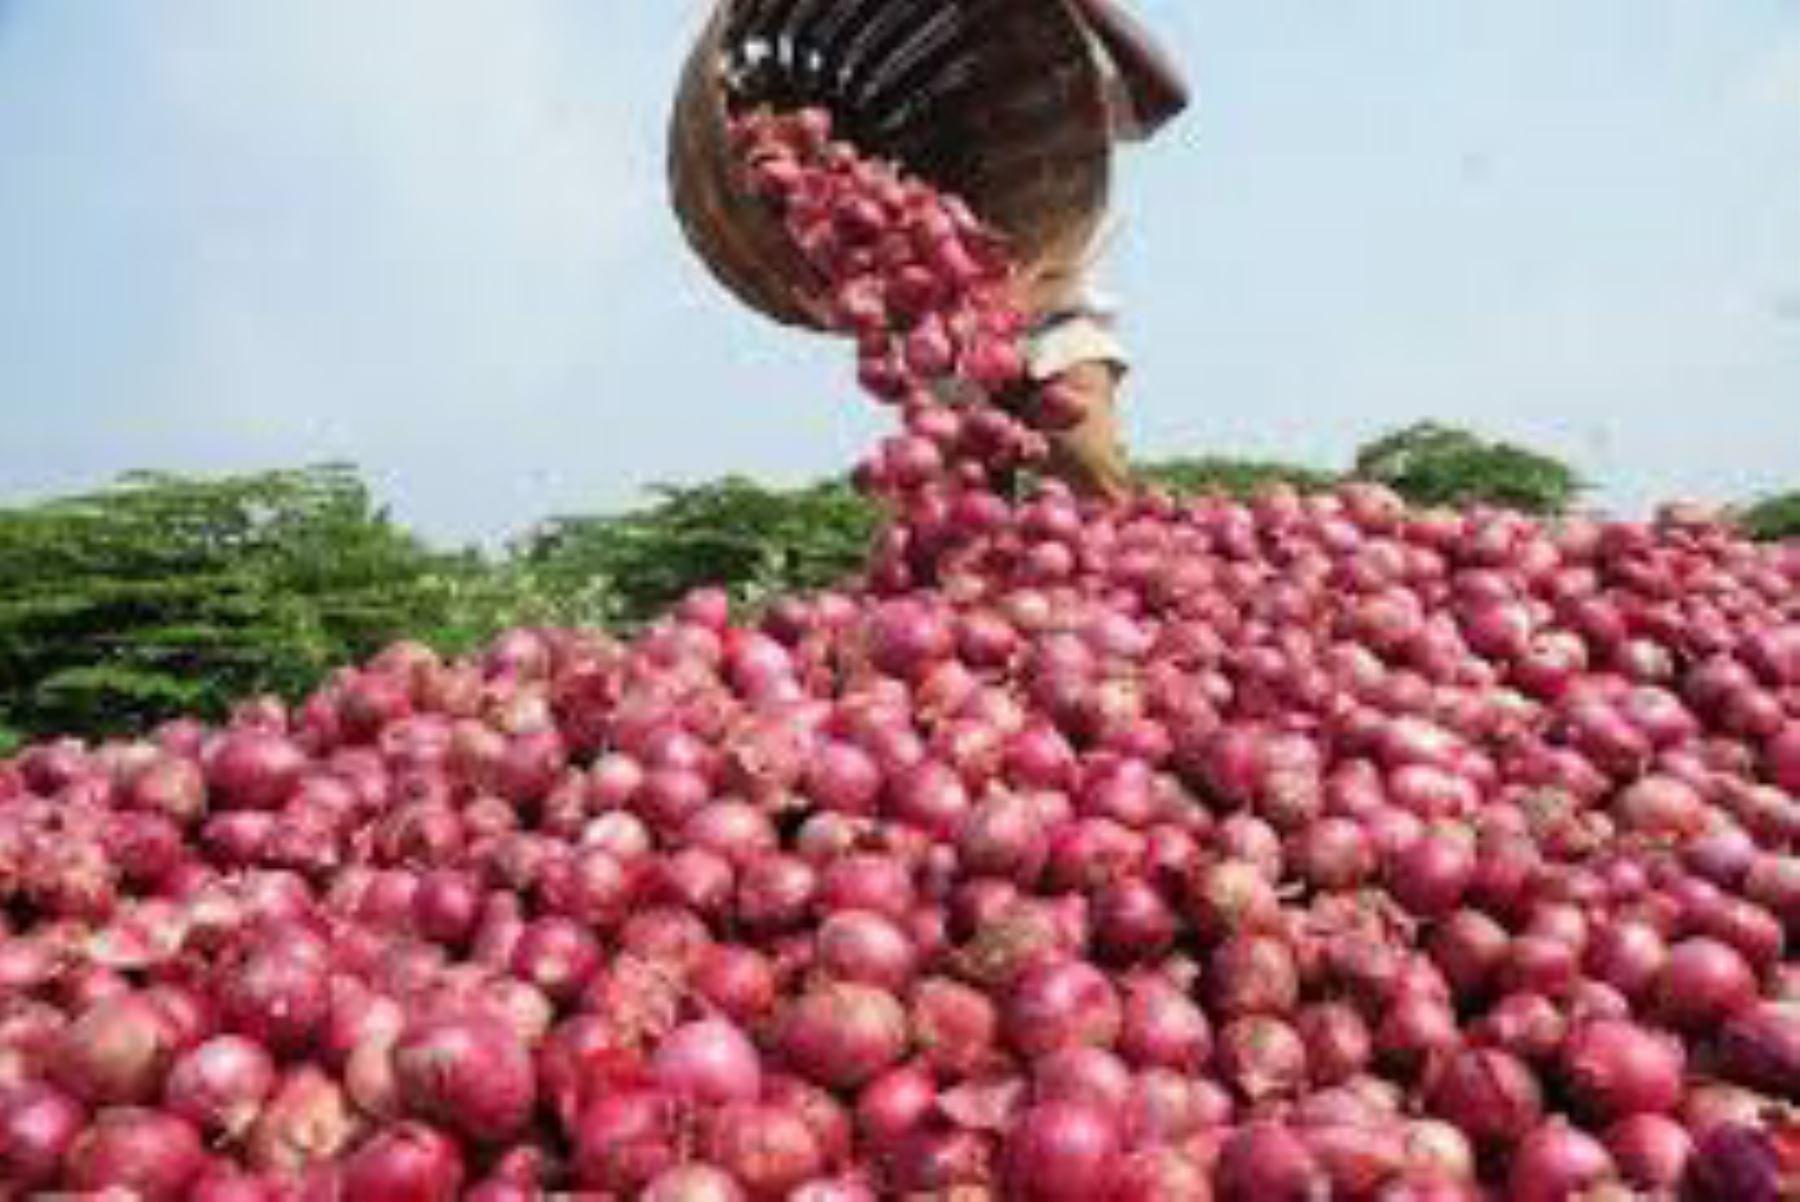 La cebolla es la hortaliza más consumida en el Perú